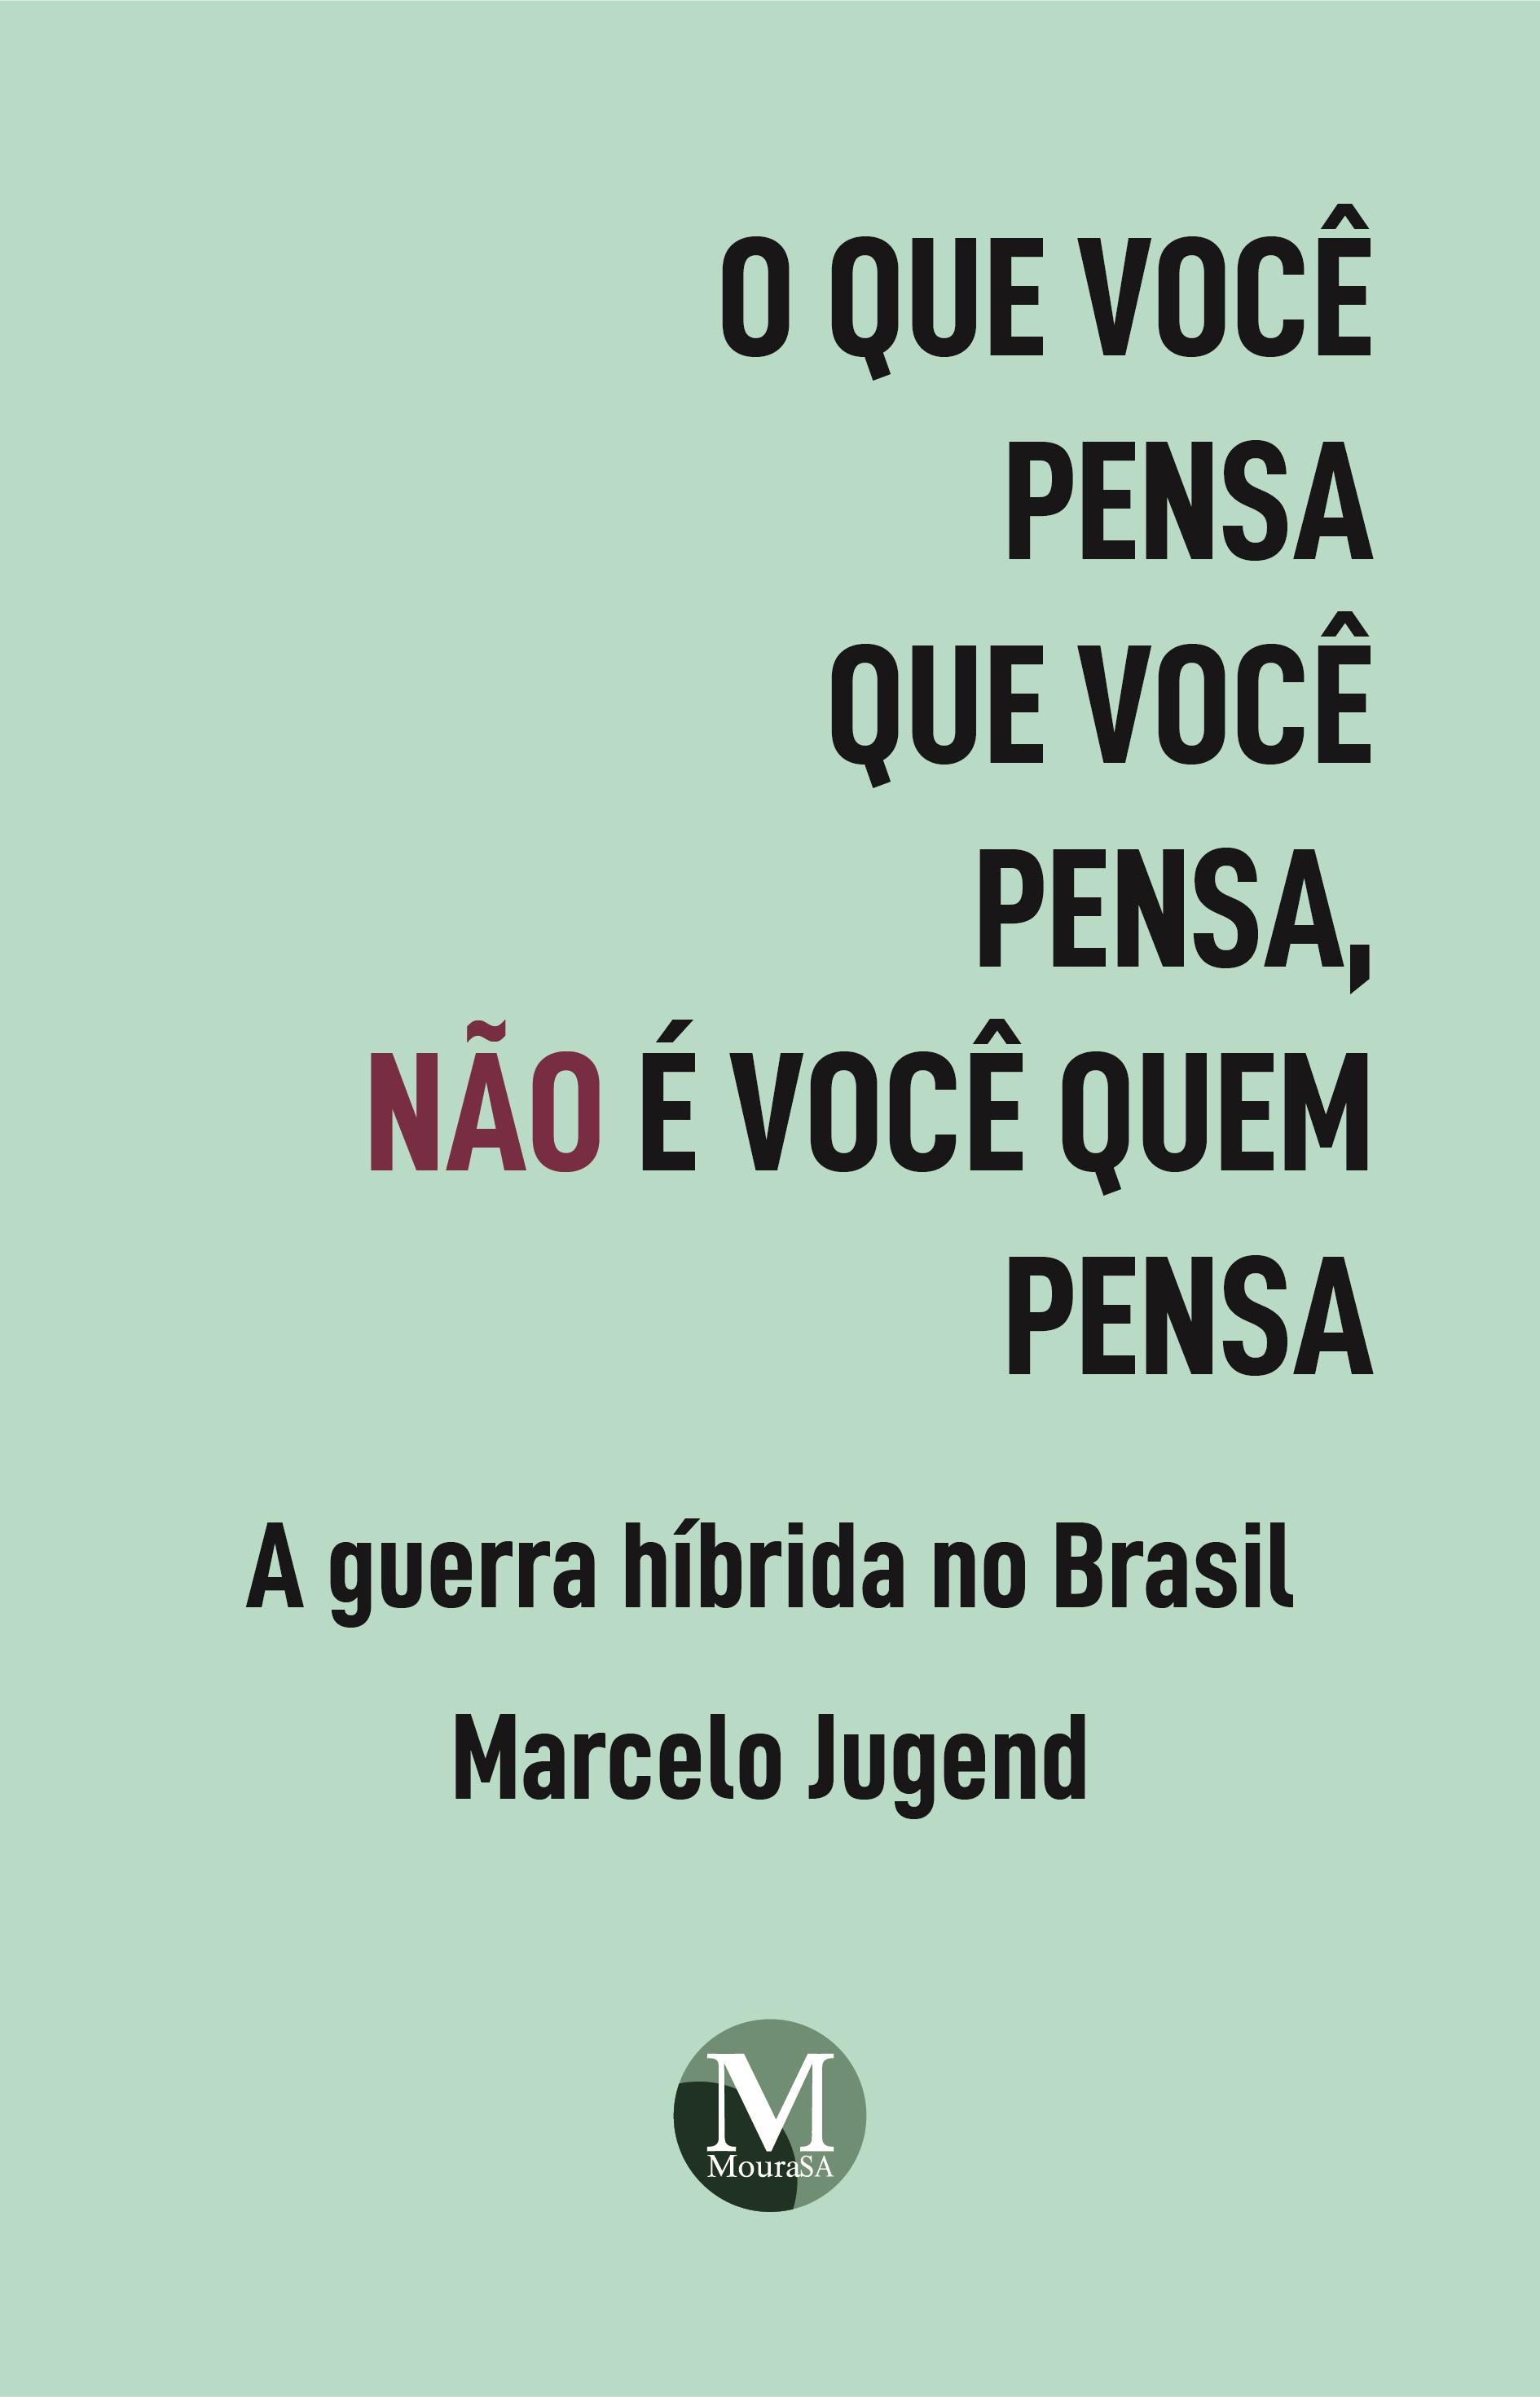 Capa do livro: O QUE VOCÊ PENSA QUE VOCÊ PENSA, NÃO É VOCÊ QUEM PENSA: <br>a guerra híbrida no Brasil